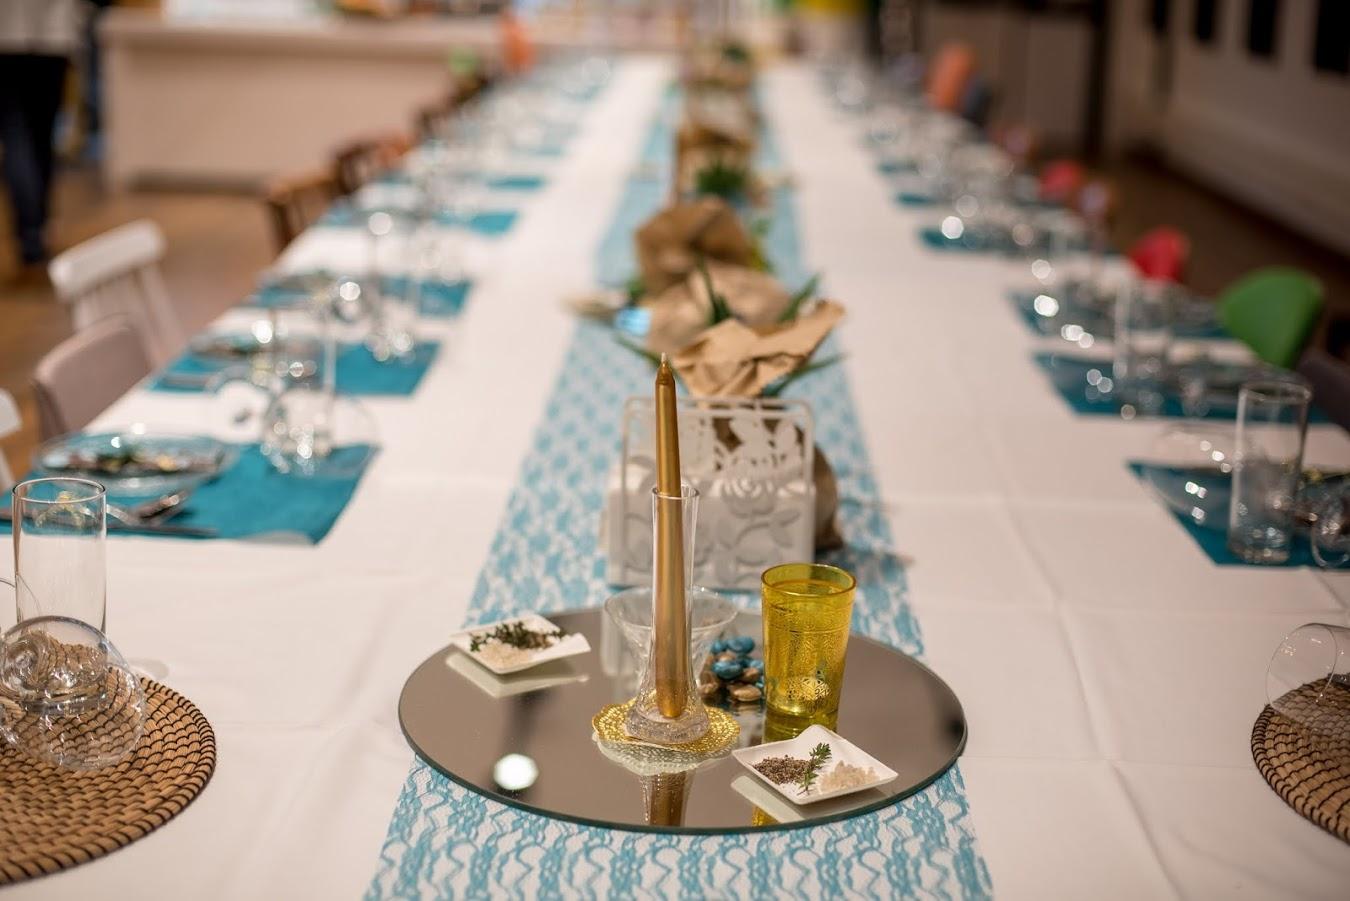 ארוחה מיוחדת - אלטמנים מבשלים חוויה